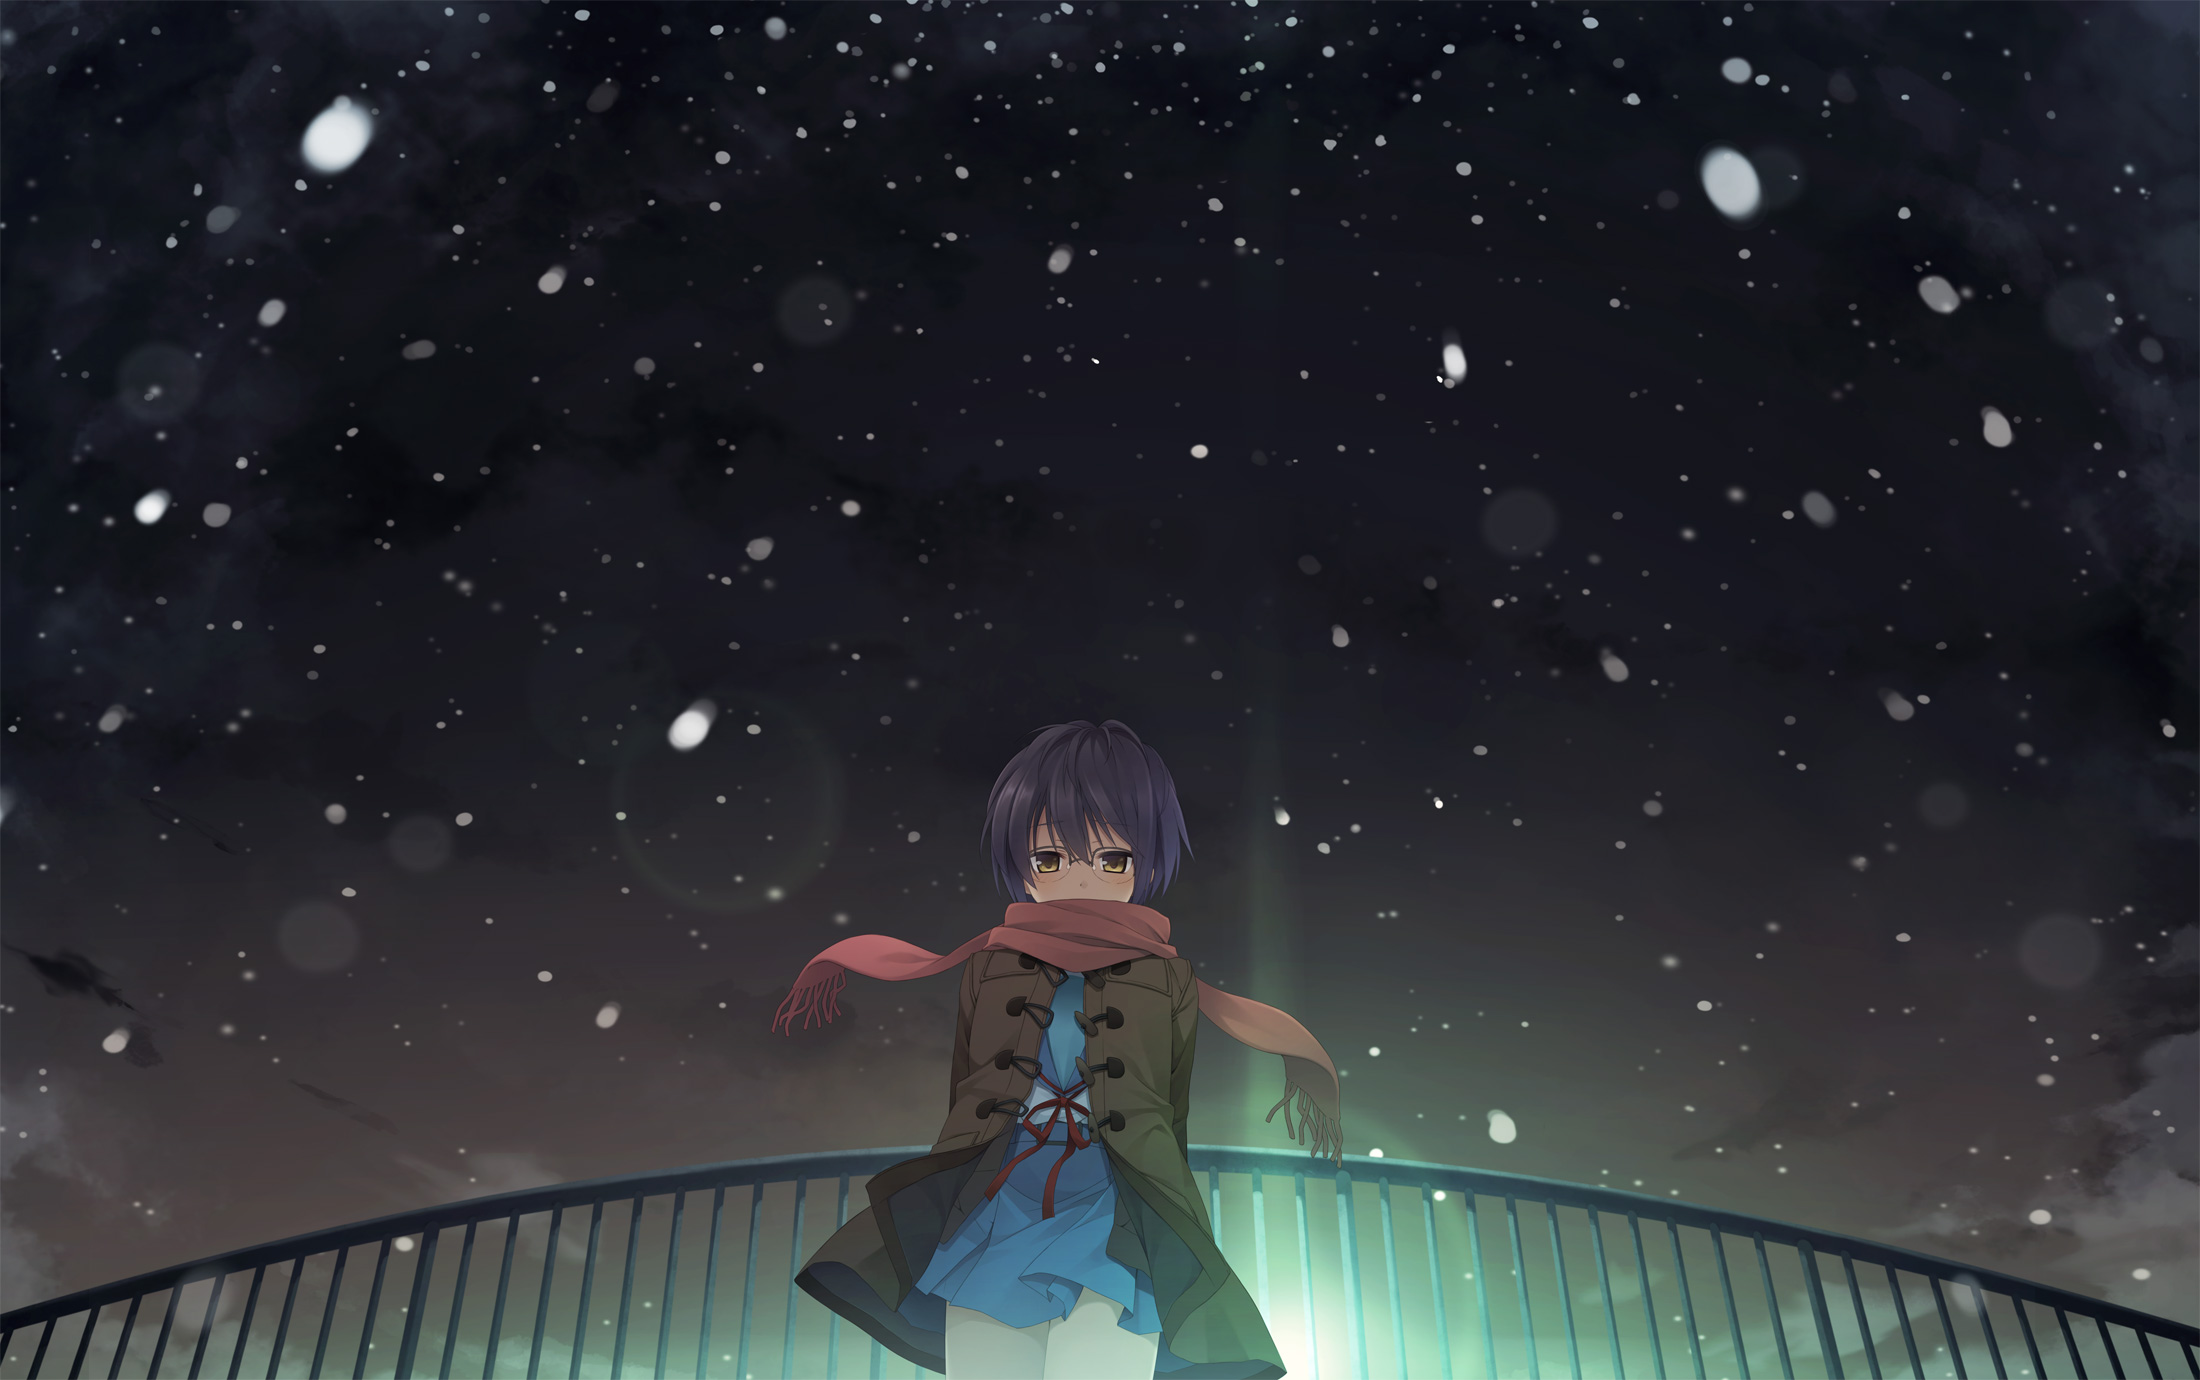 Nagato Yuki Suzumiya Haruhi No Yuuutsu Image 1082029